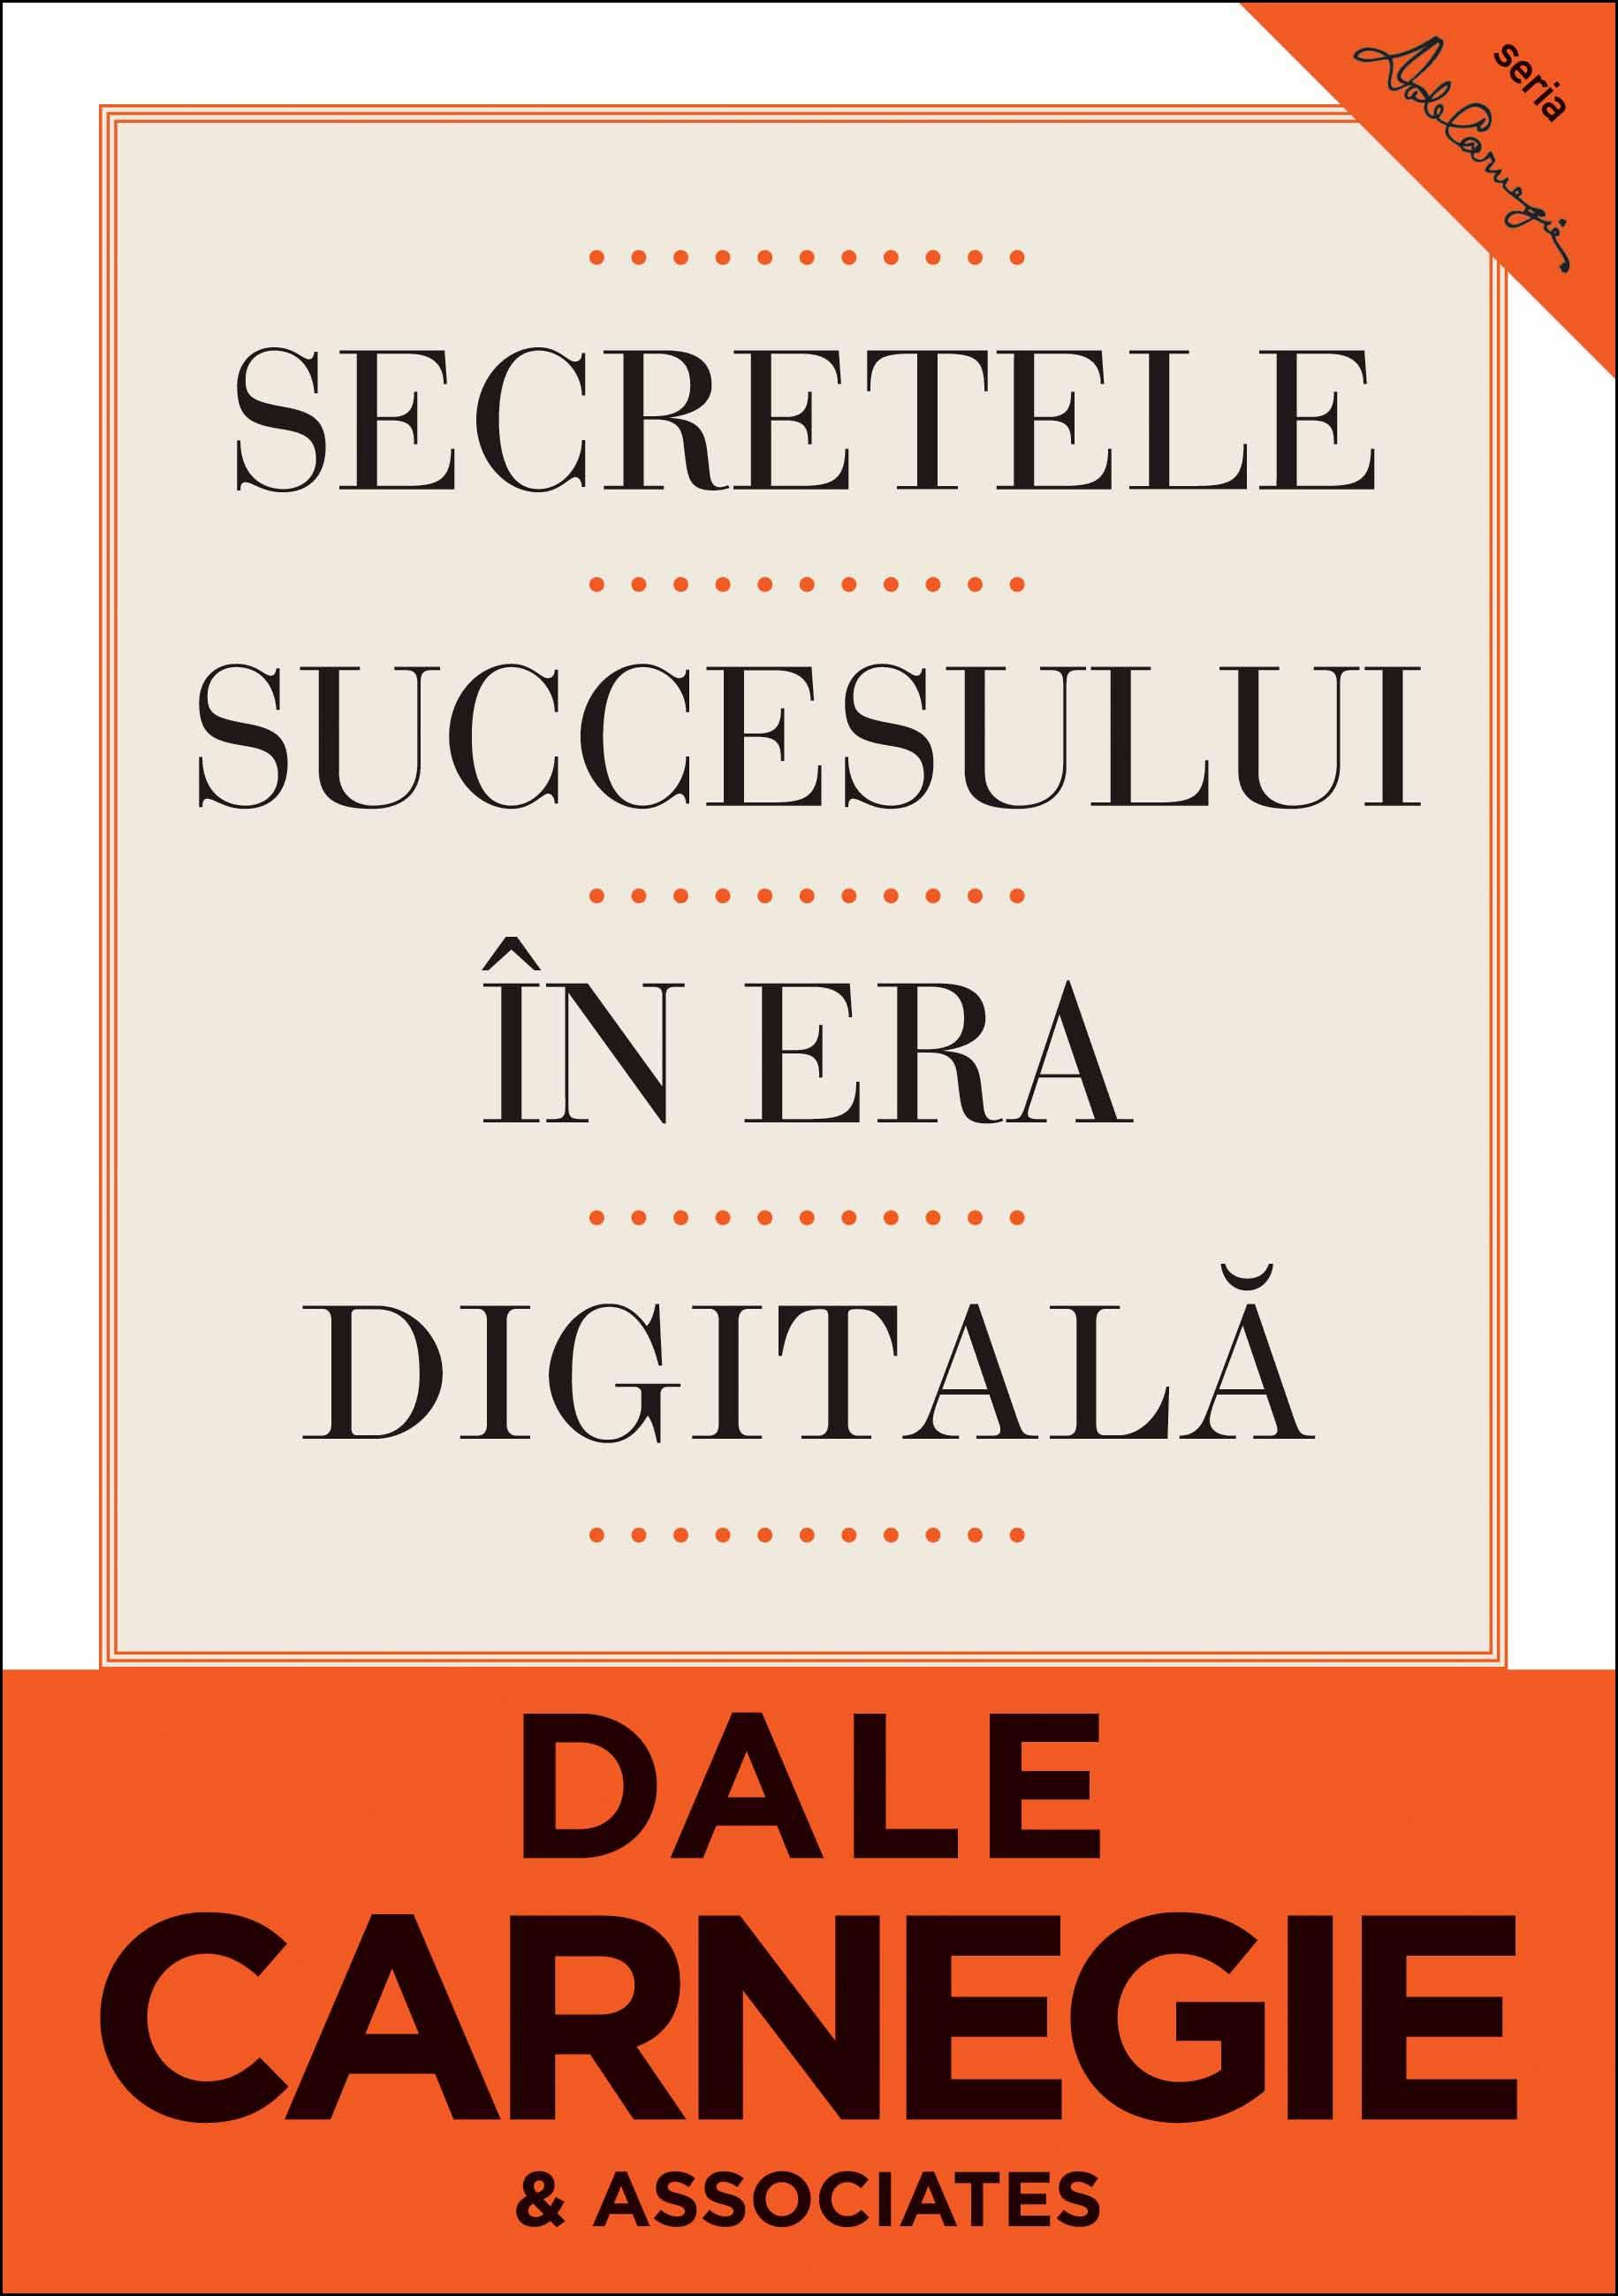 Secretele Succesului în Era Digitală - Dale Carnegie & Associates  Inc.  Brent Cole